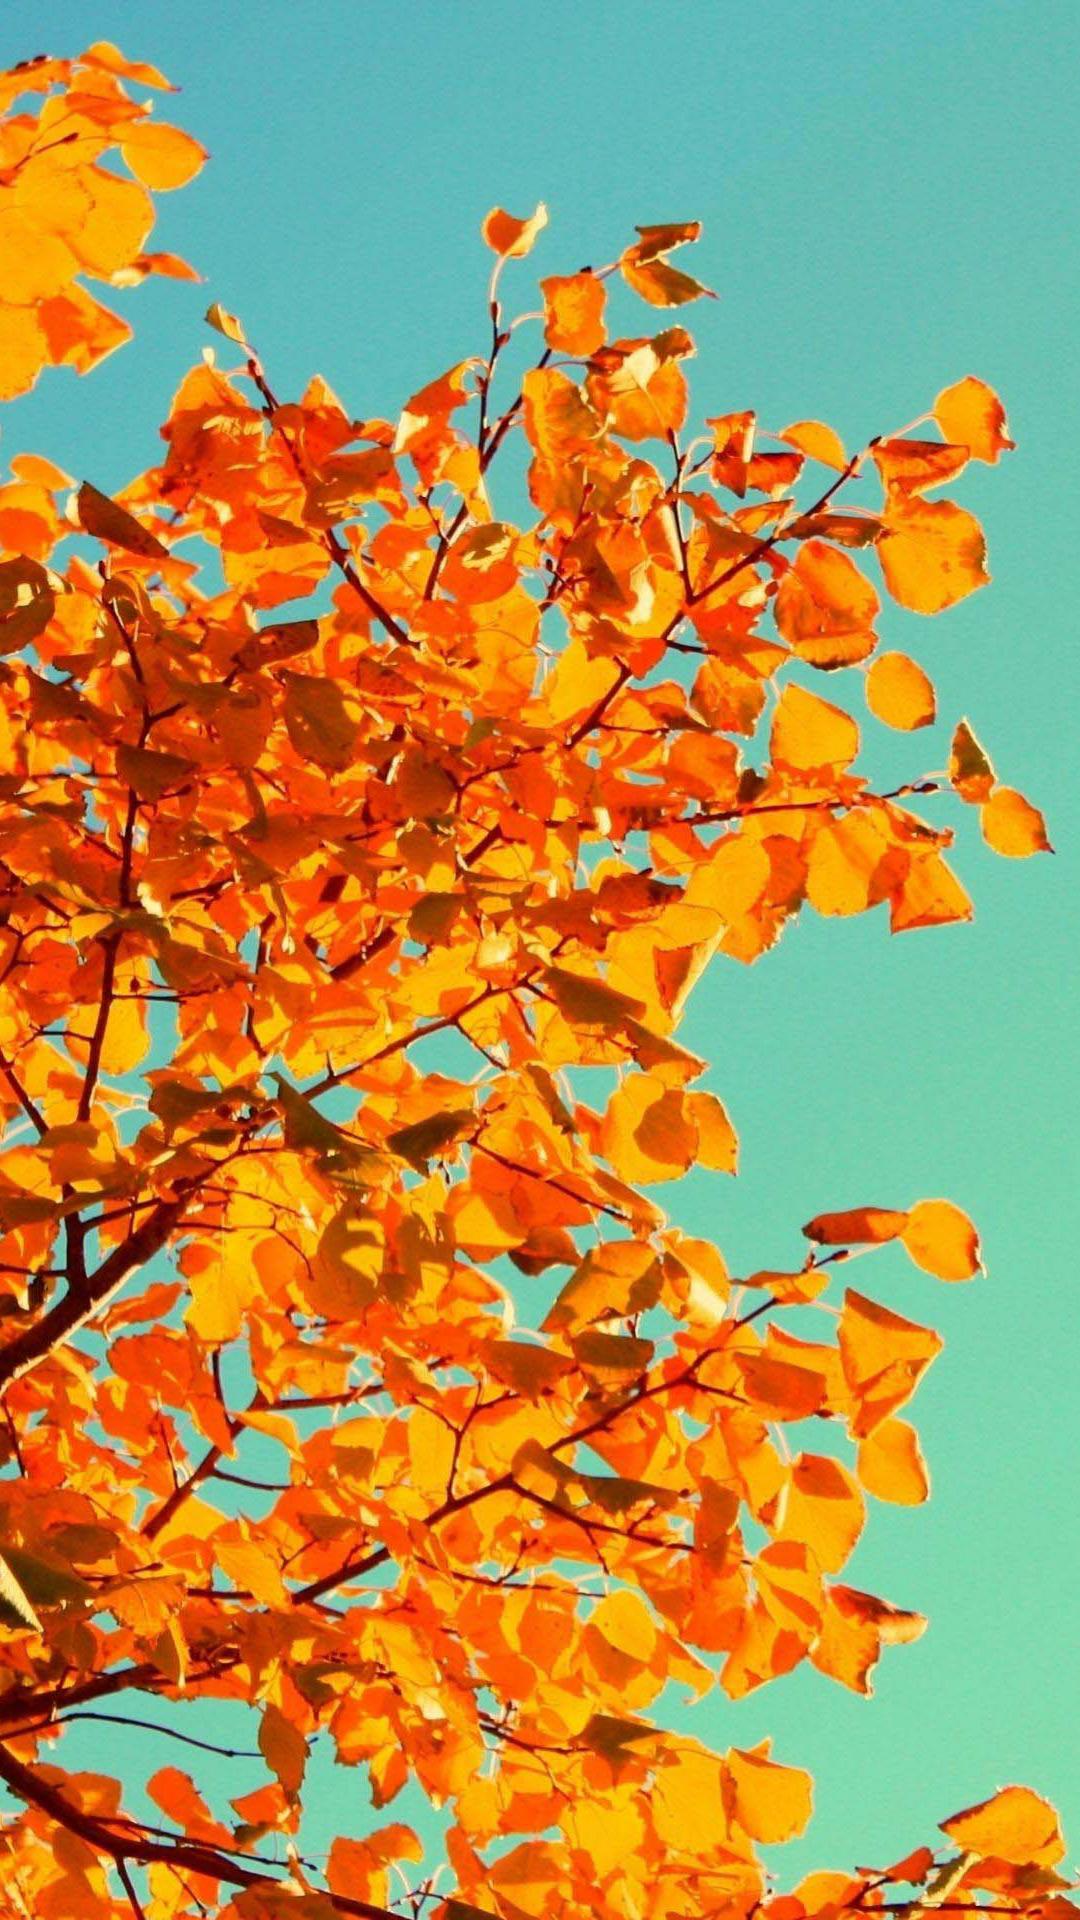 Wallpaper iphone autumn - Fall Pumpkin Iphone Backgrounds Fall Pumpkin B